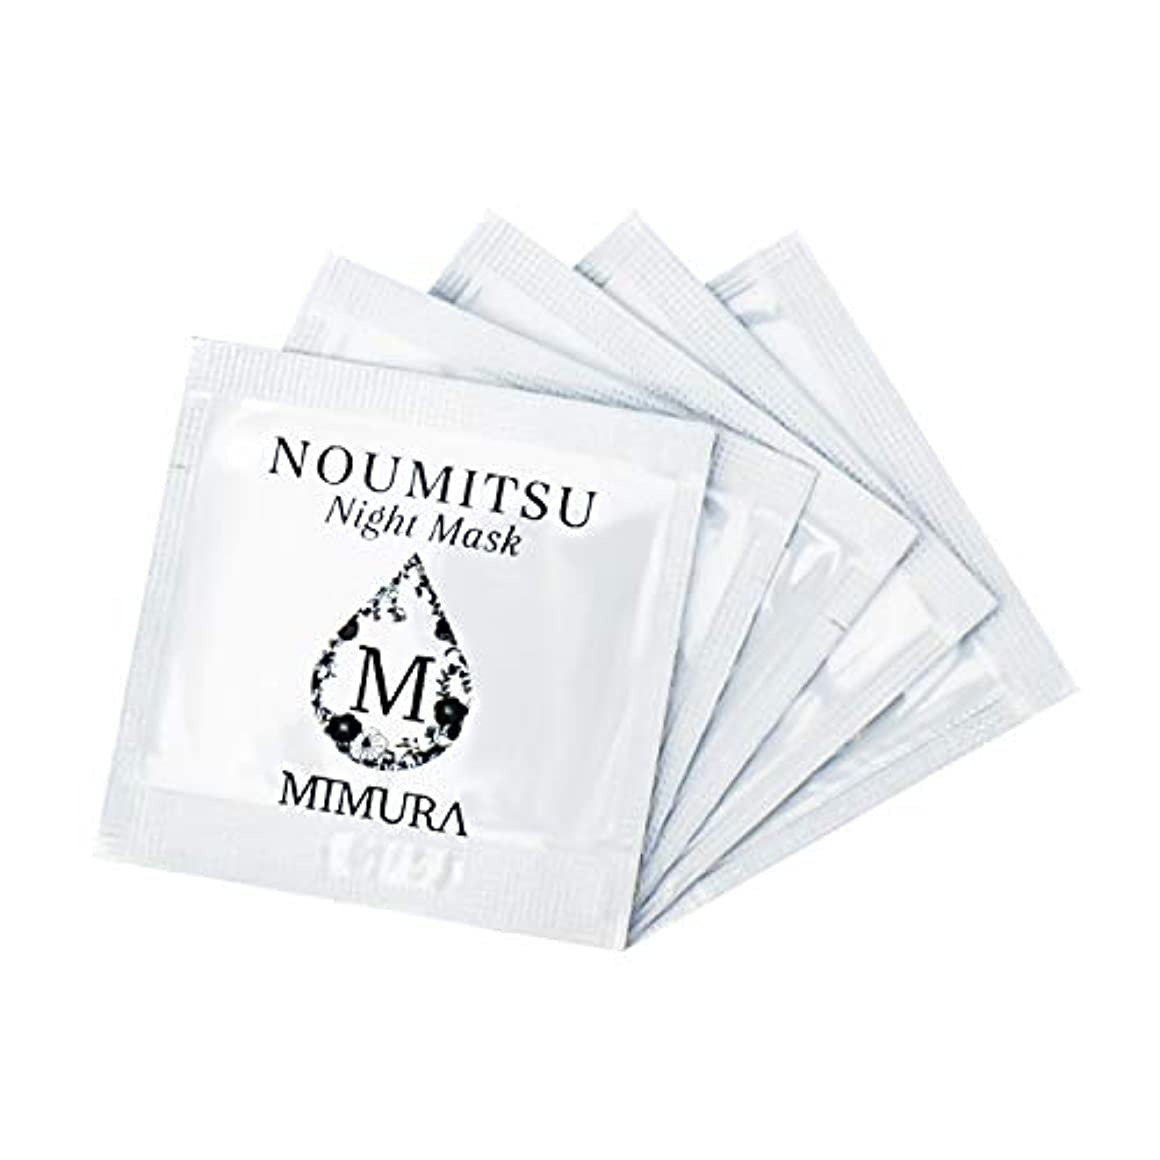 複雑でない交換表面ナイトケアクリーム 保湿 顔 用 ミムラ ナイトマスク NOUMITSU 試供品 5個入り ゆうパケット (ポスト投函)での発送となります。 MIMURA 乾燥肌 日本製 ※おひとり様1点、1回限りとなります。